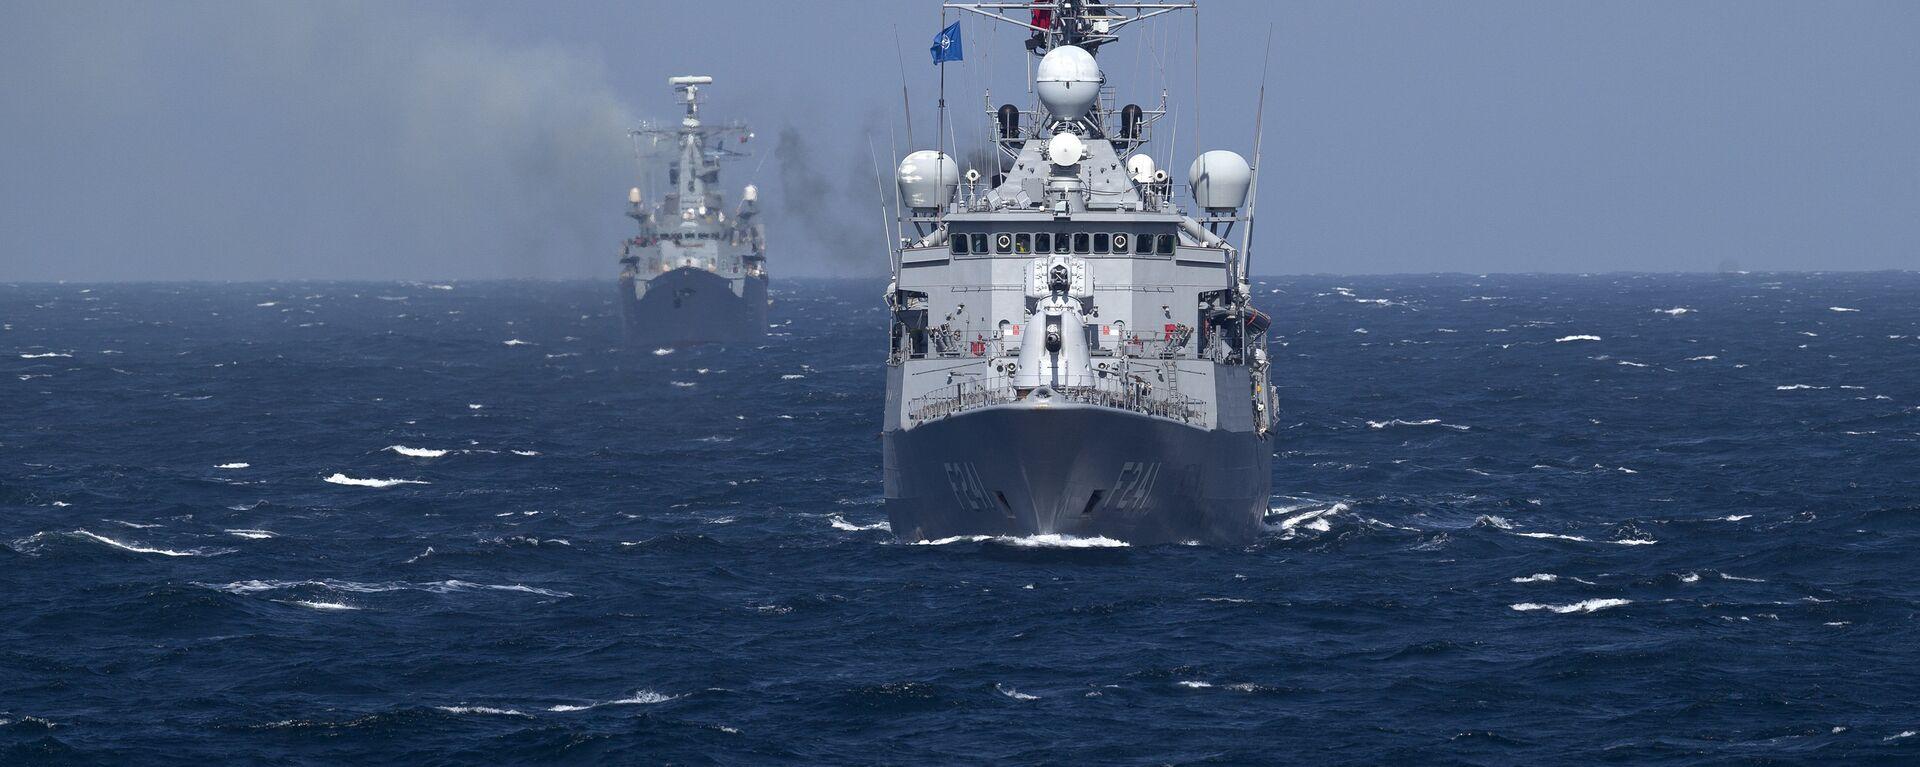 Navi da guerra NATO nel mar Nero - Sputnik Italia, 1920, 14.06.2021